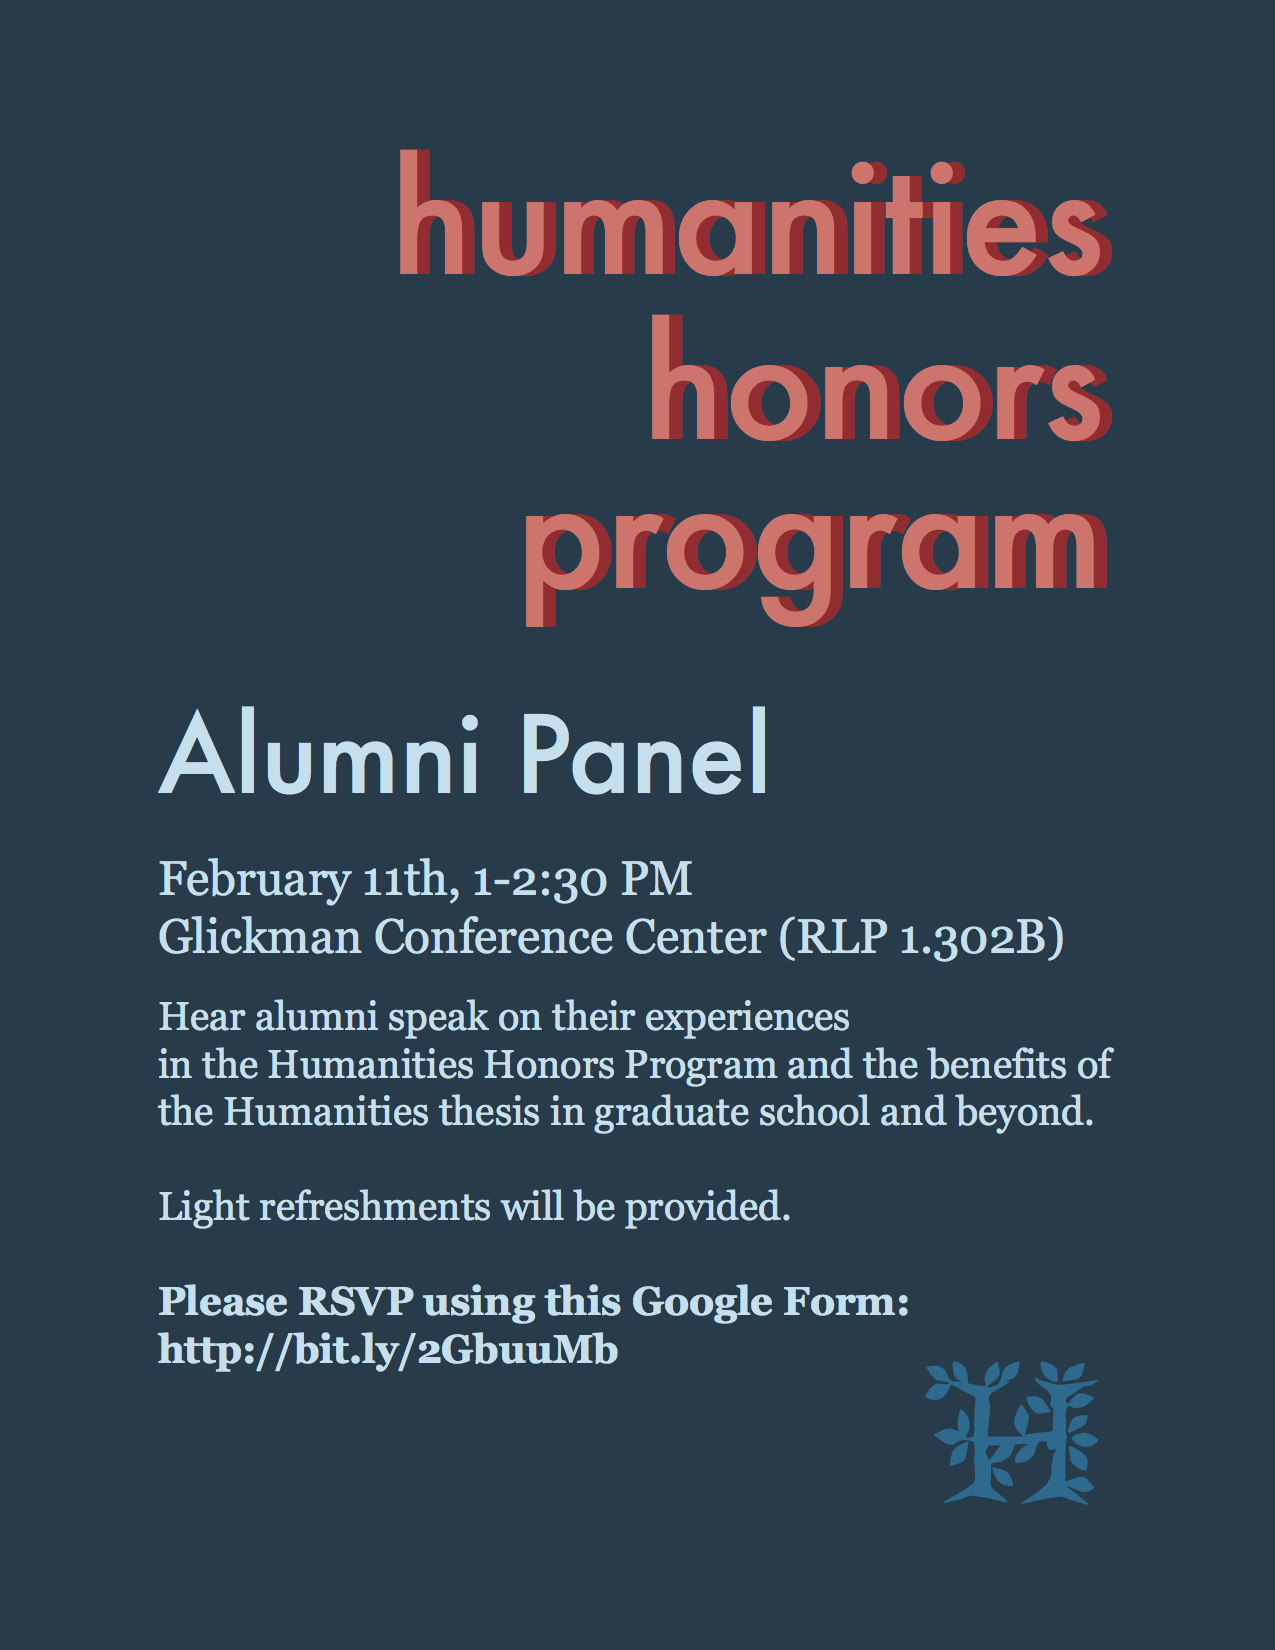 Humanities Alumni Panel